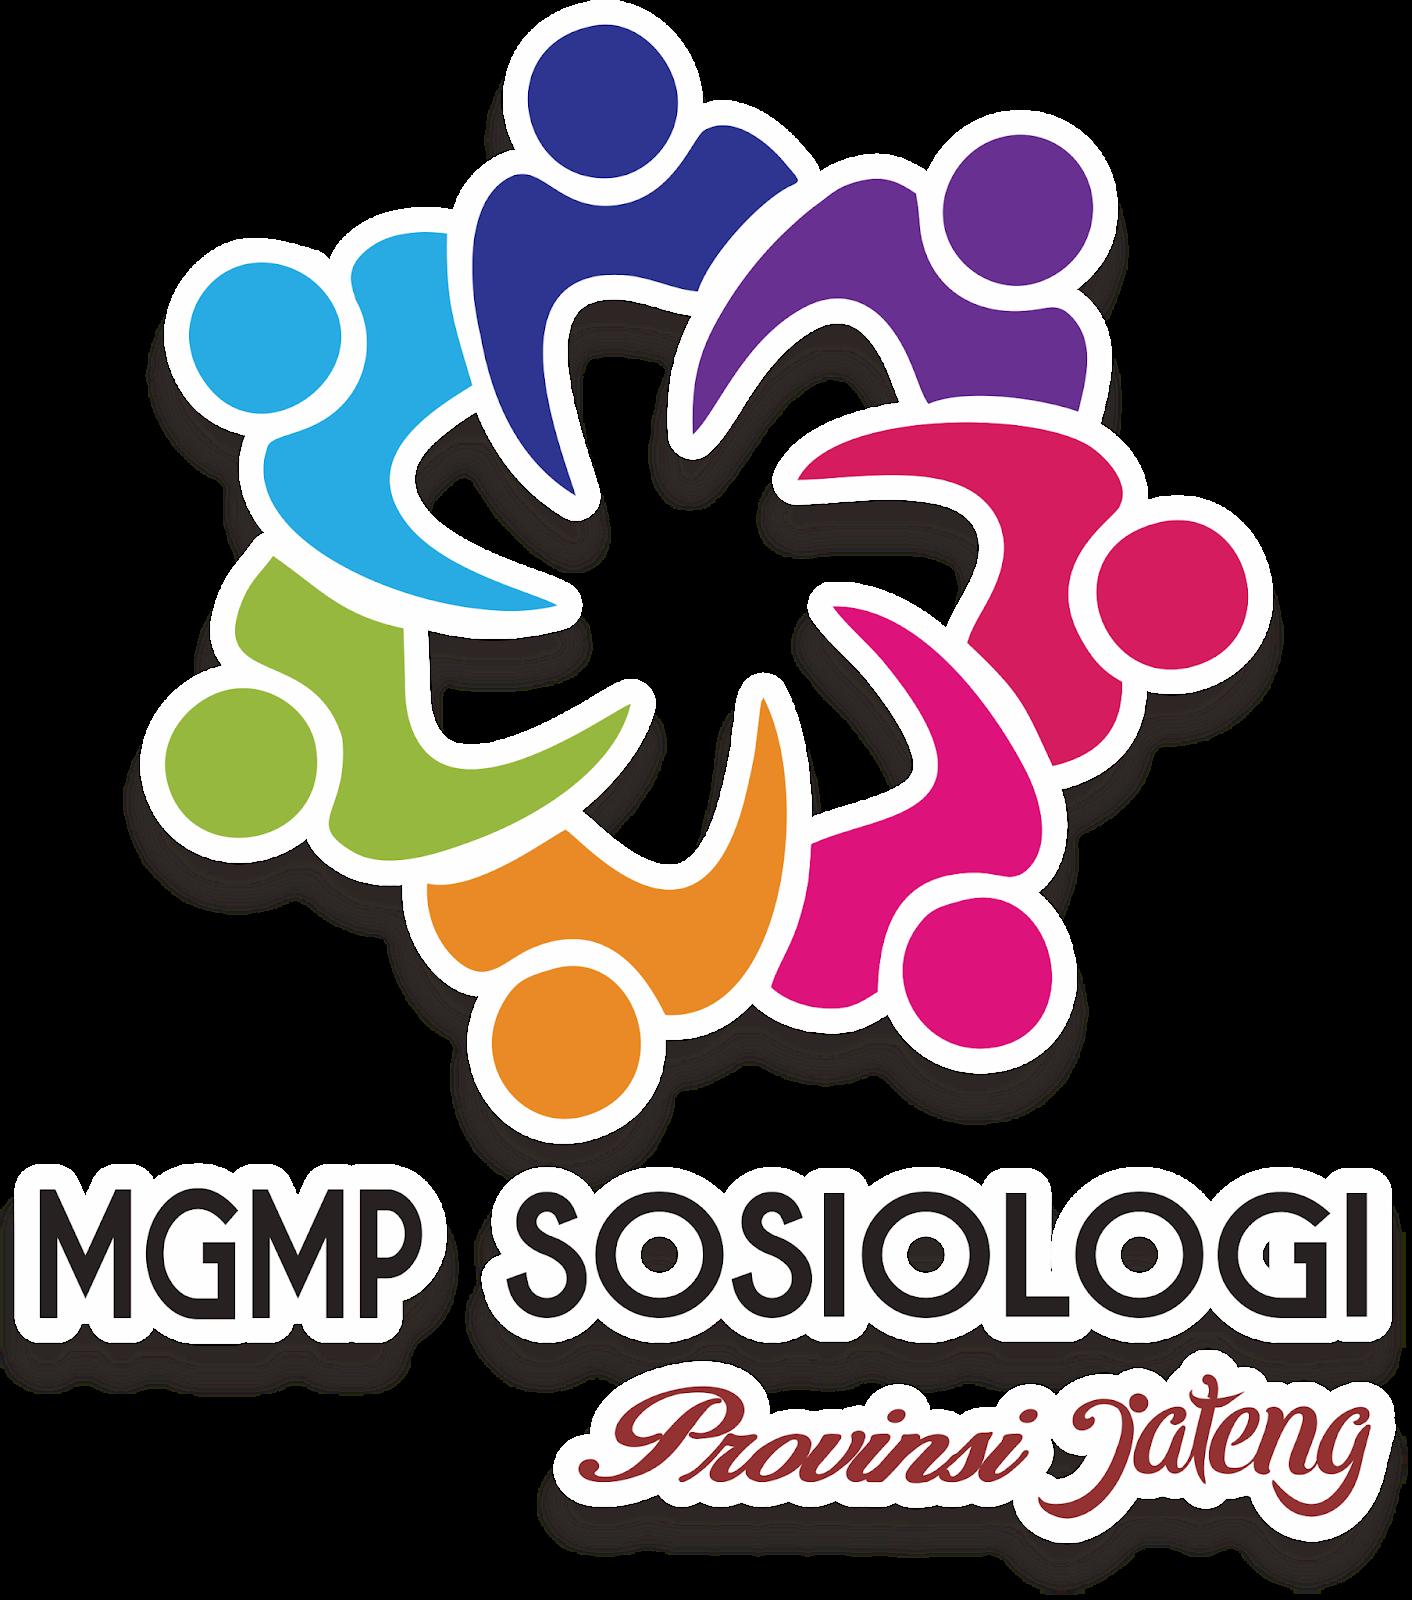 Rpp Daring Dalam Pjj Di Masa Pandemi Mgmp Sosiologi Jateng